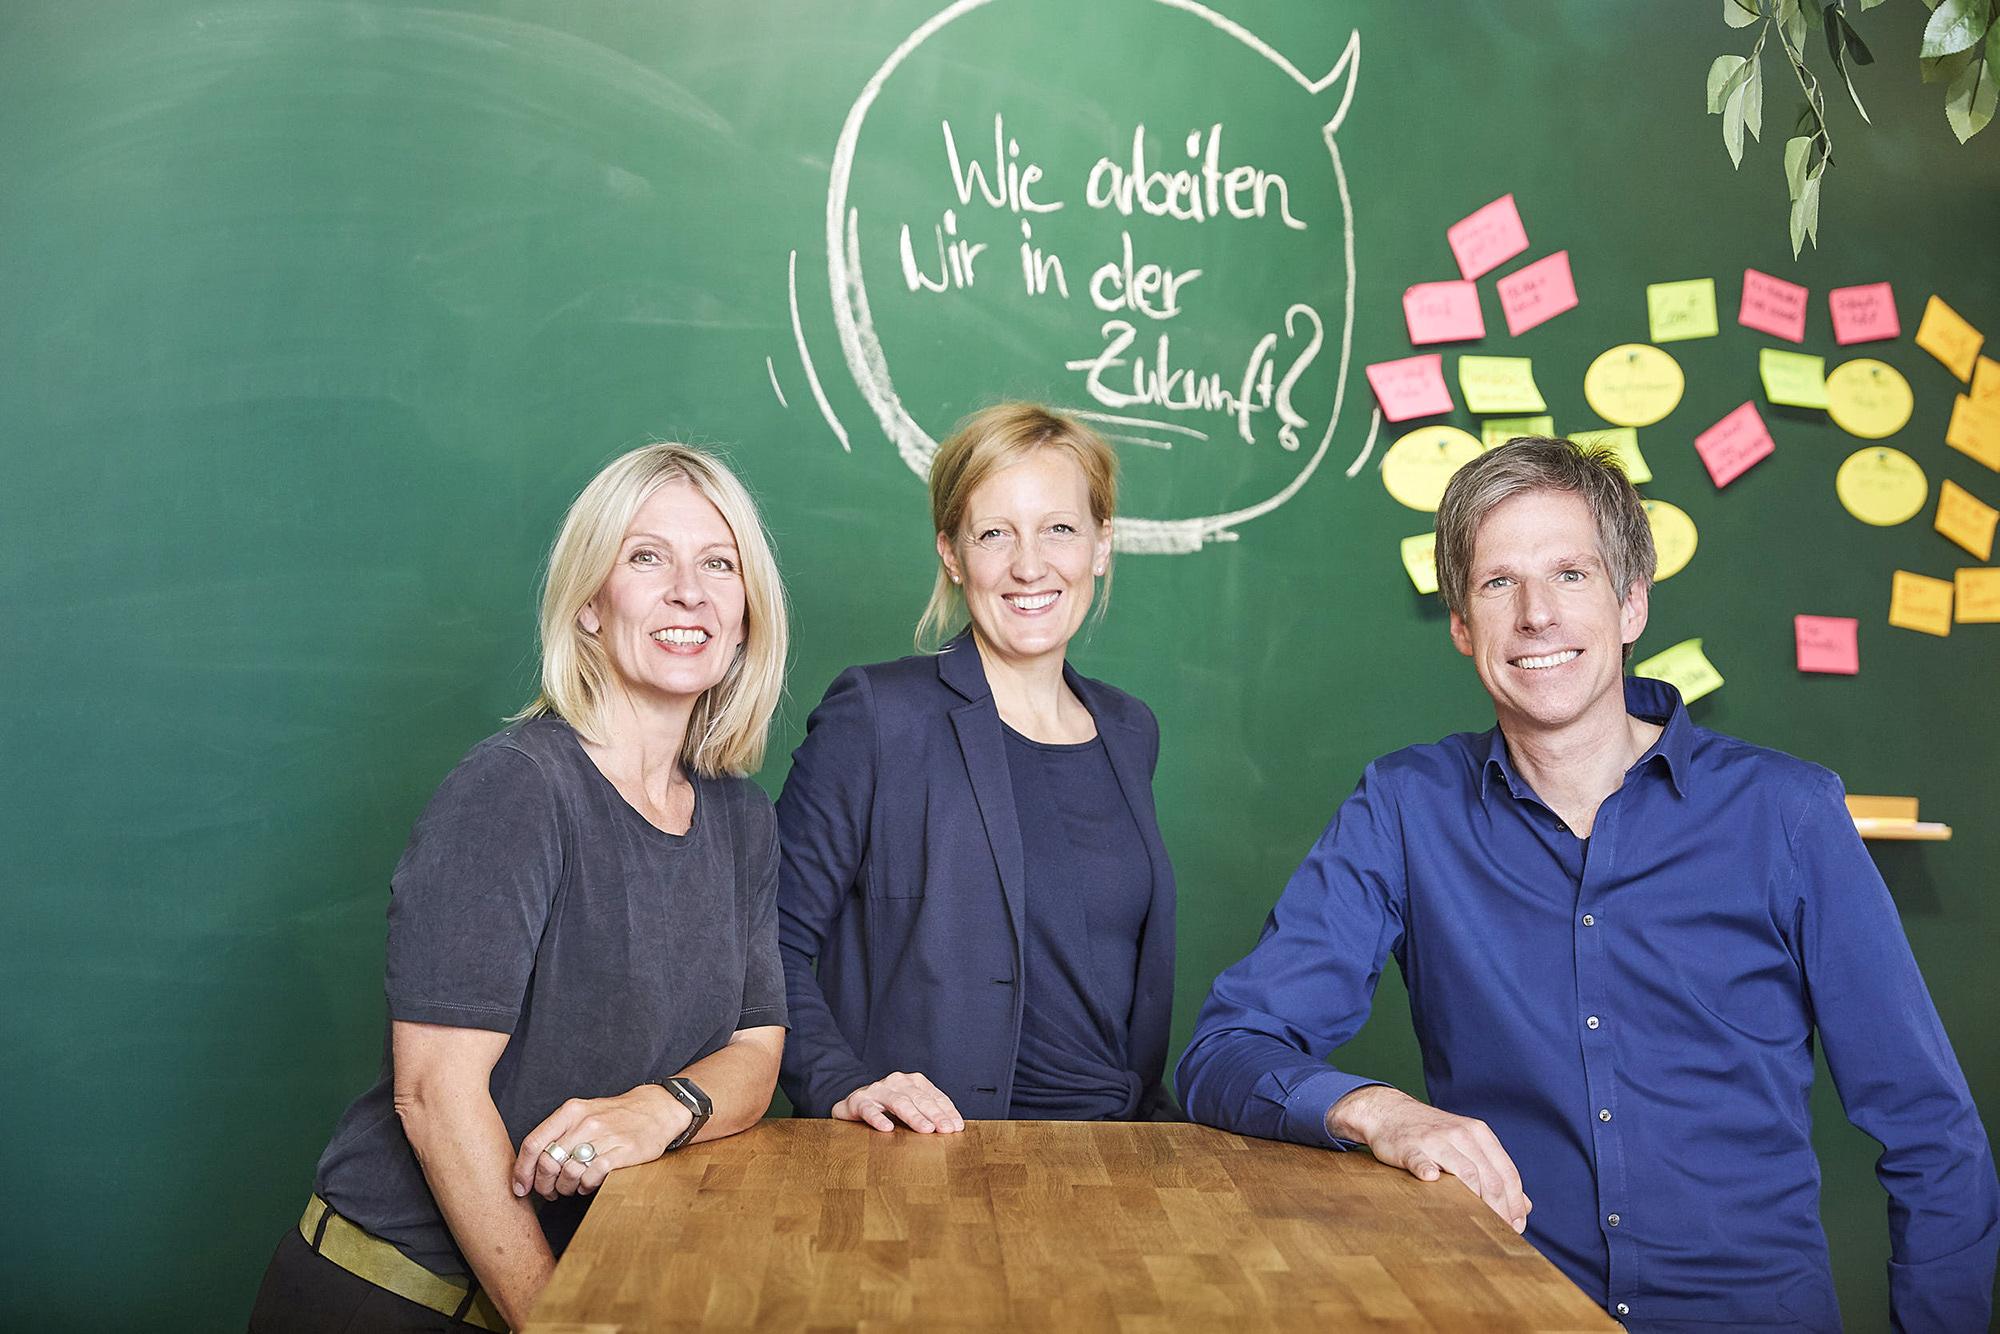 Das Team der Goldenen Idee, dem New Work Lab in Düsseldorf Workshopraum zur Miete Creative Space Kreativraum New Work Lab Duesseldorf Design Thinking Seminarraum Innovation Space